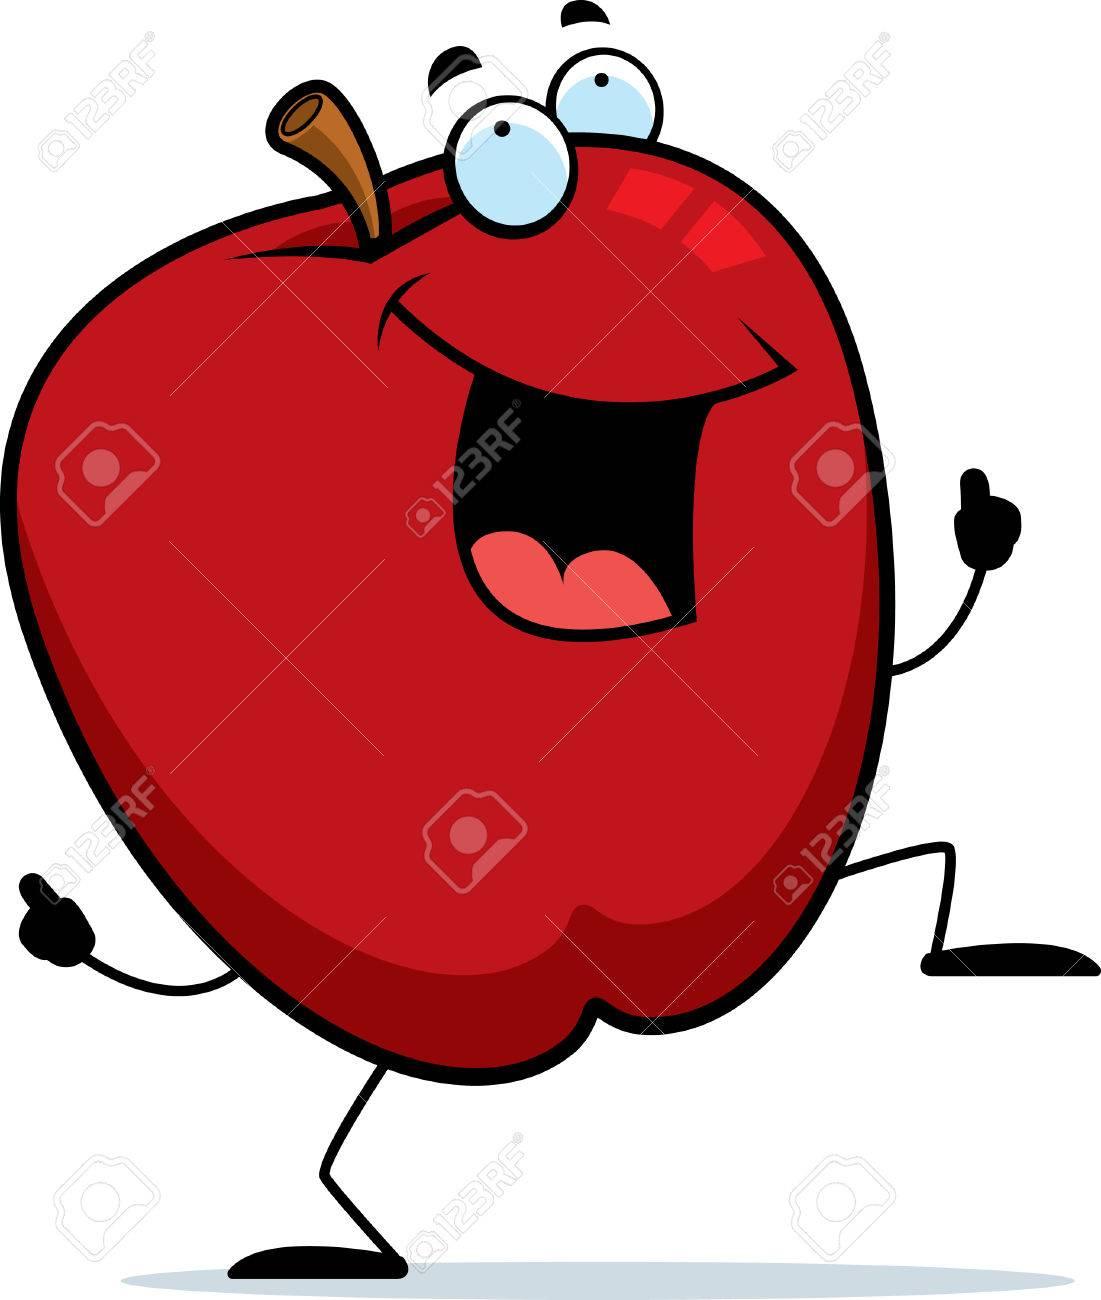 Dessin Pomme une danse heureux de pomme de dessin animé et souriant. clip art